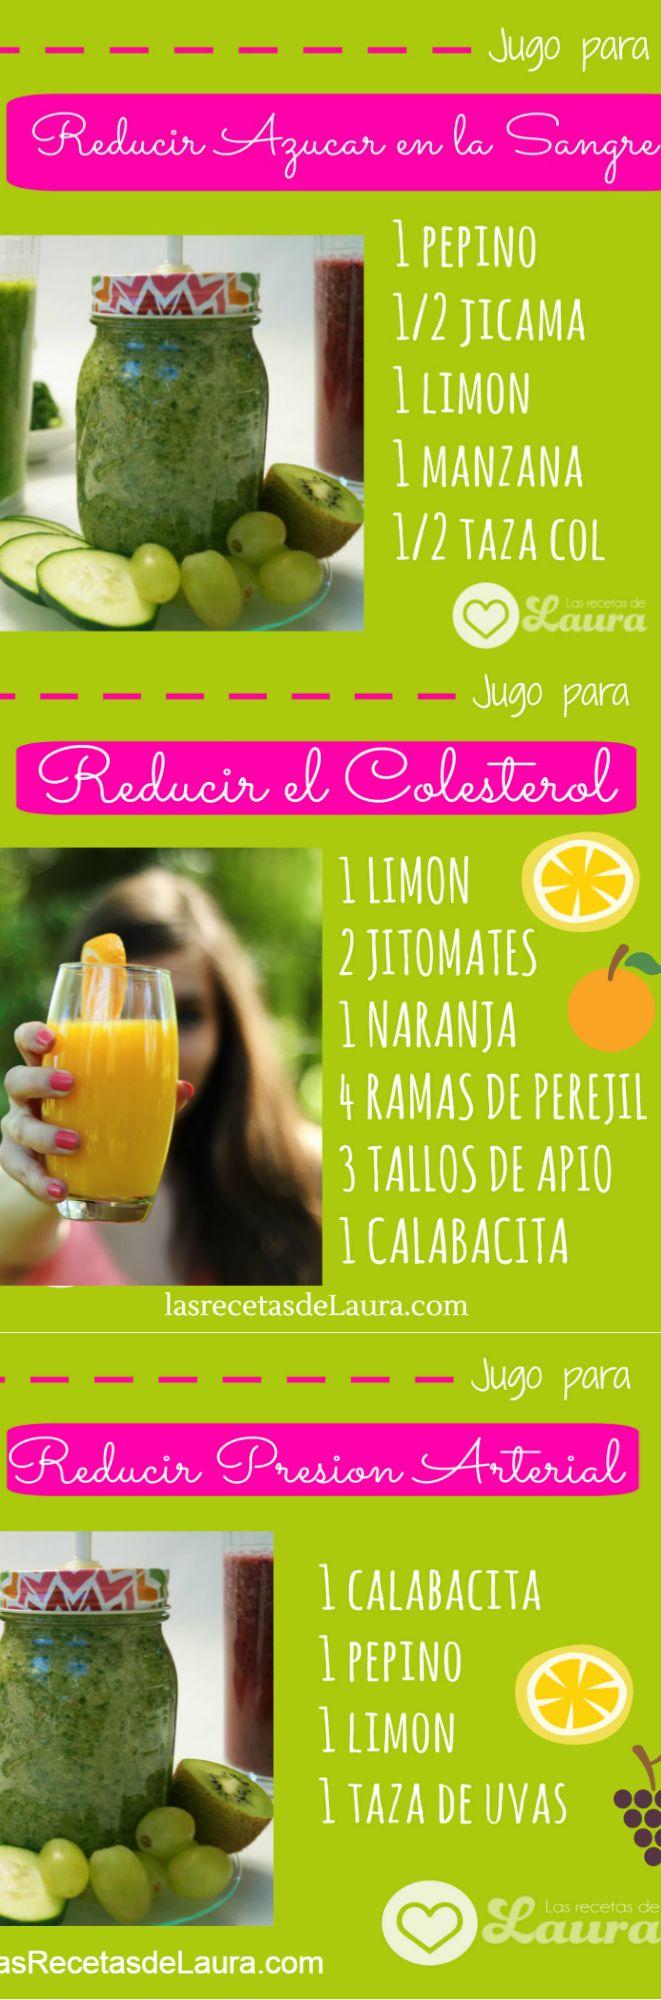 JUGOS Y LICUADOS para bajar de peso, Colon Irritable, Reducir azucar, diabetes, colesterol, detox, depurativos, naturales y deliciosos!